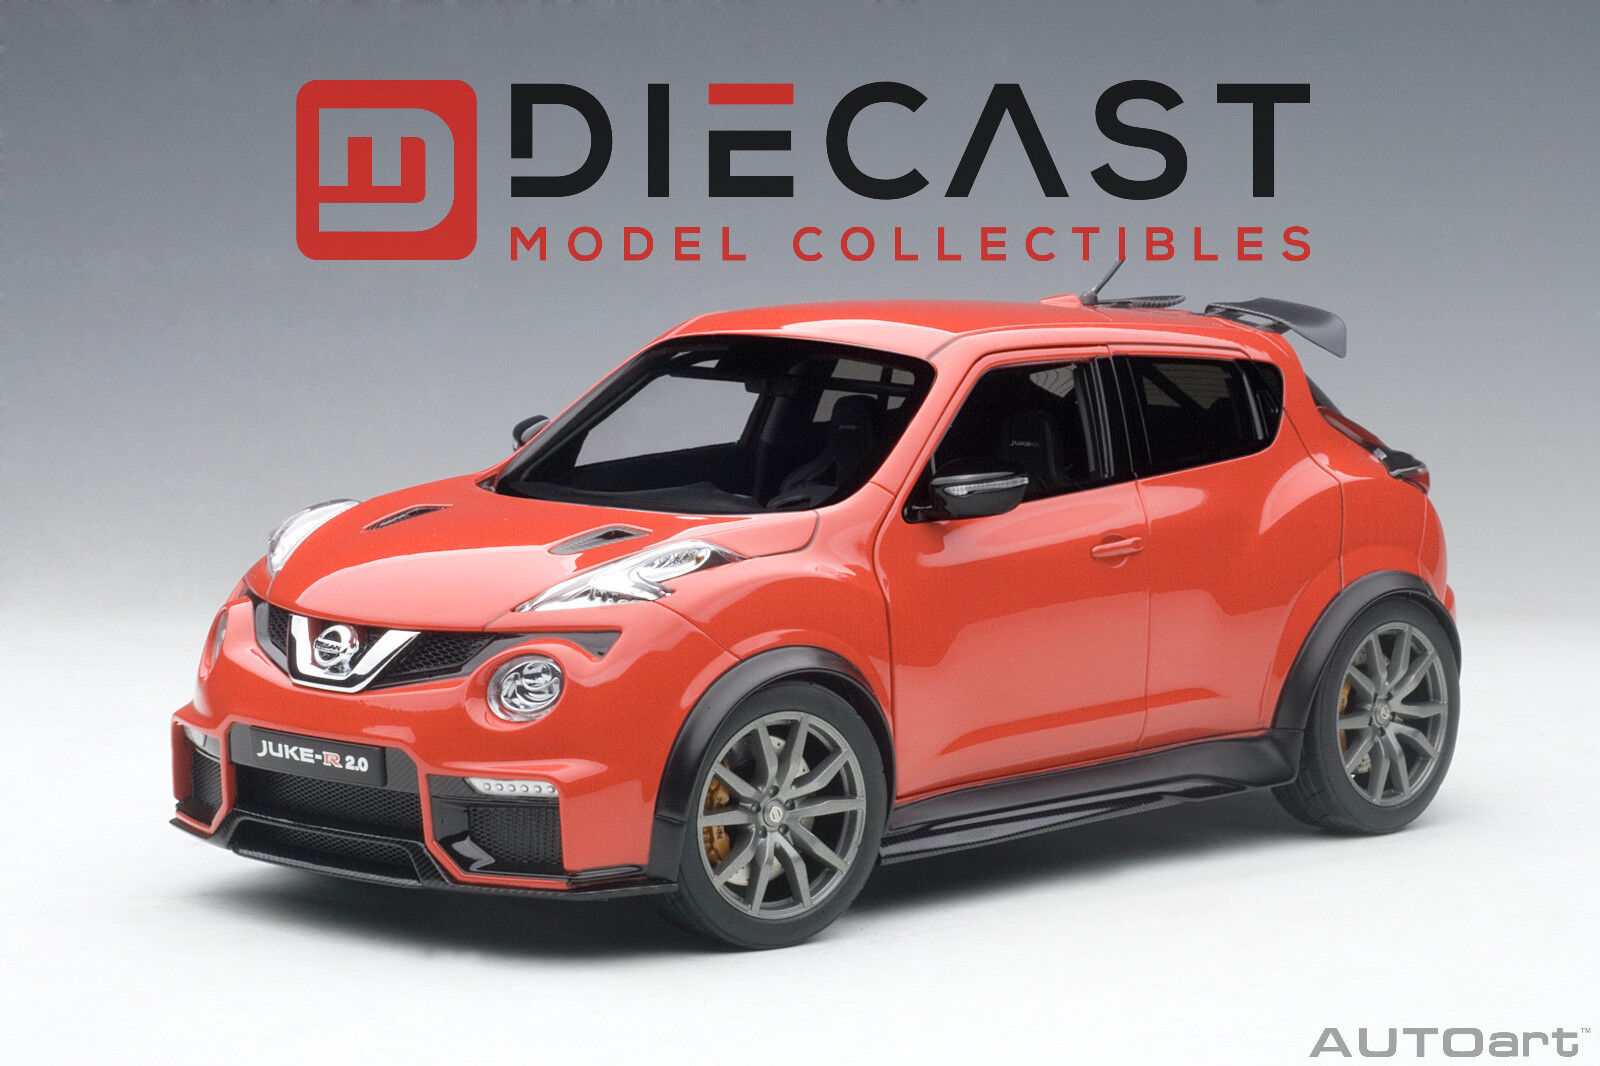 AUTOART 77457 NISSAN JUKE R 2.0 (RED) 1 18TH SCALE